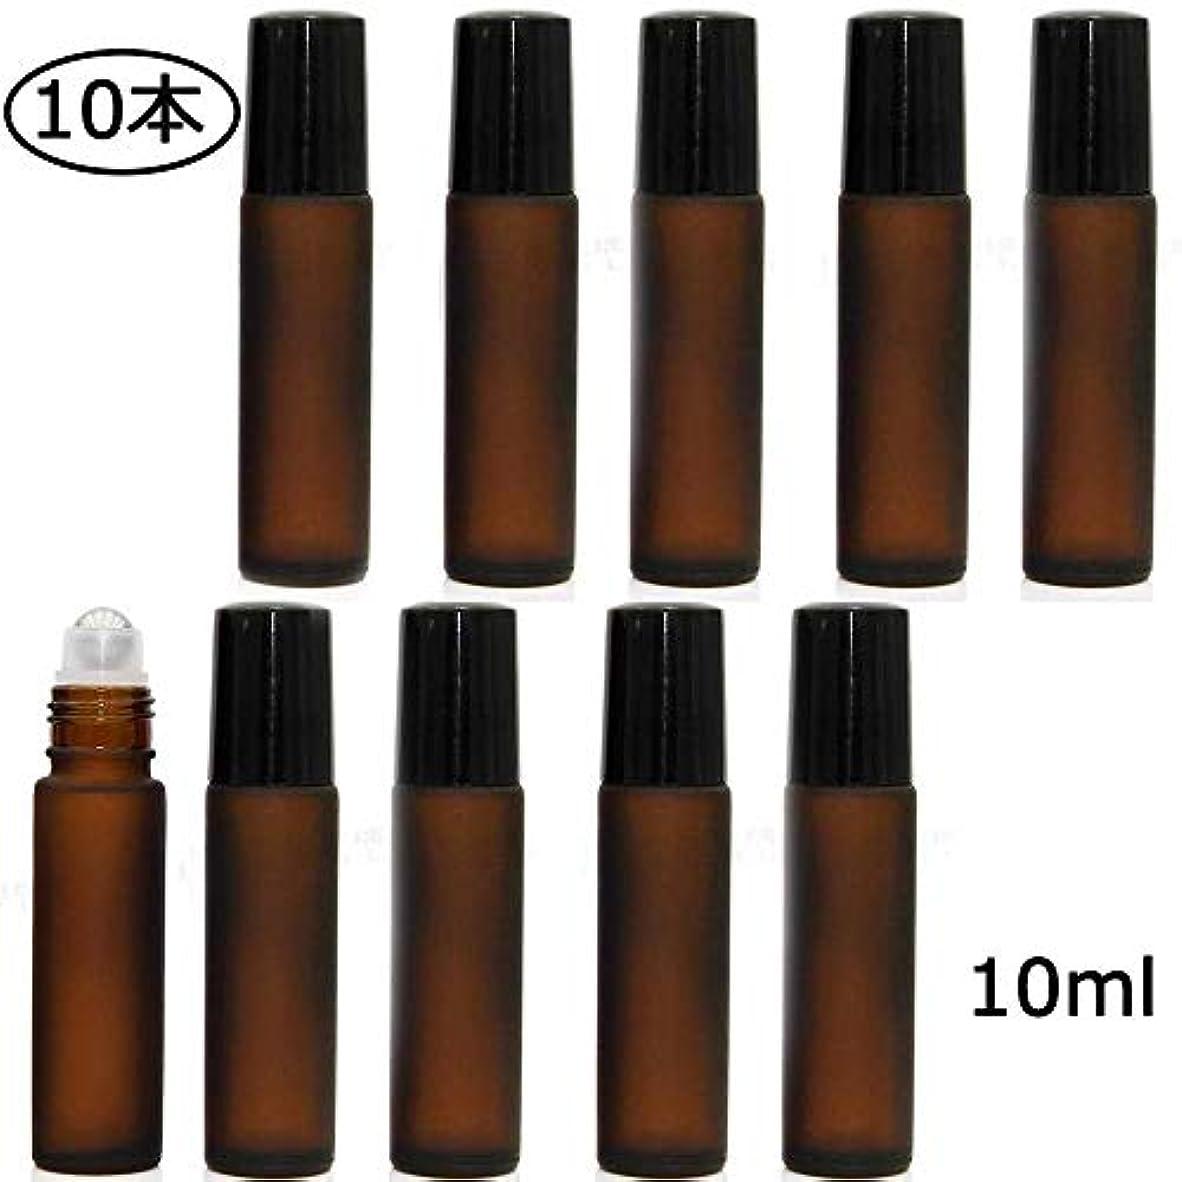 放散するシートささいなgundoop ロールオンボトル アロマオイル 精油 小分け用 遮光瓶 10ml 10本セット ガラスロールタイプ (茶色)